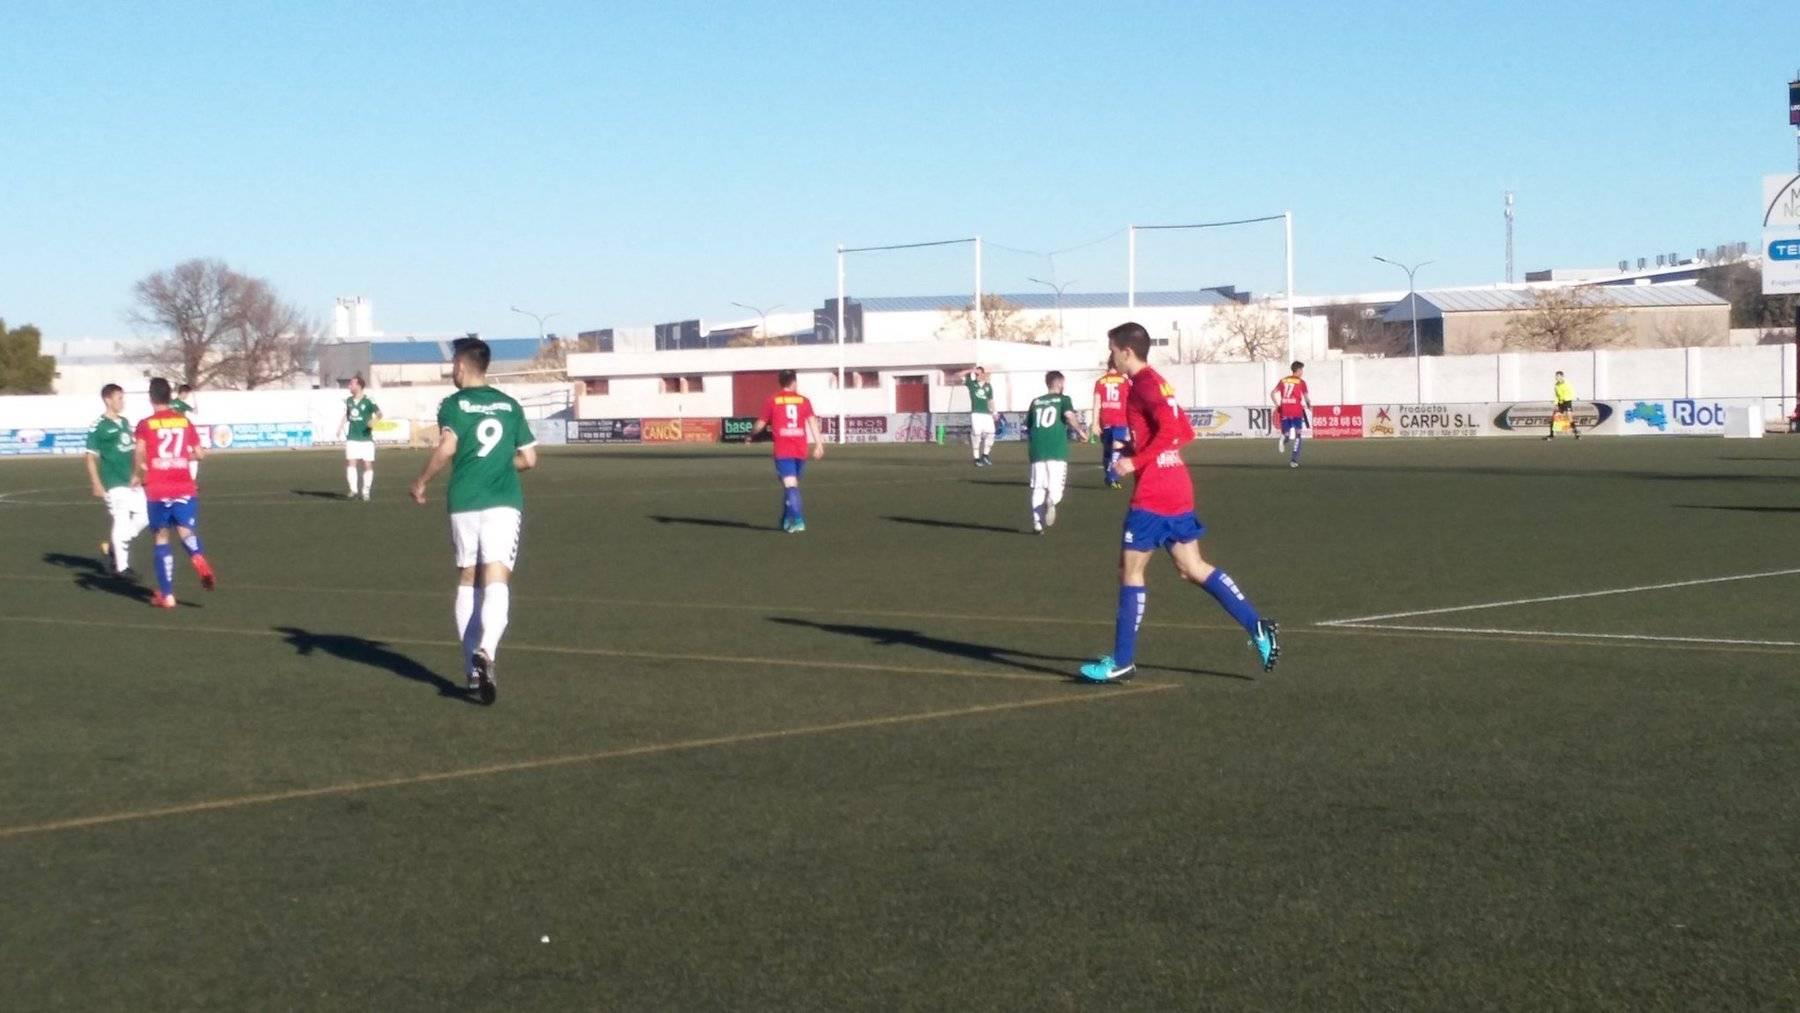 herencia aldea futbol - C.D.B Herencia venció 3-0 al Aldea en el Fernández de la Puebla